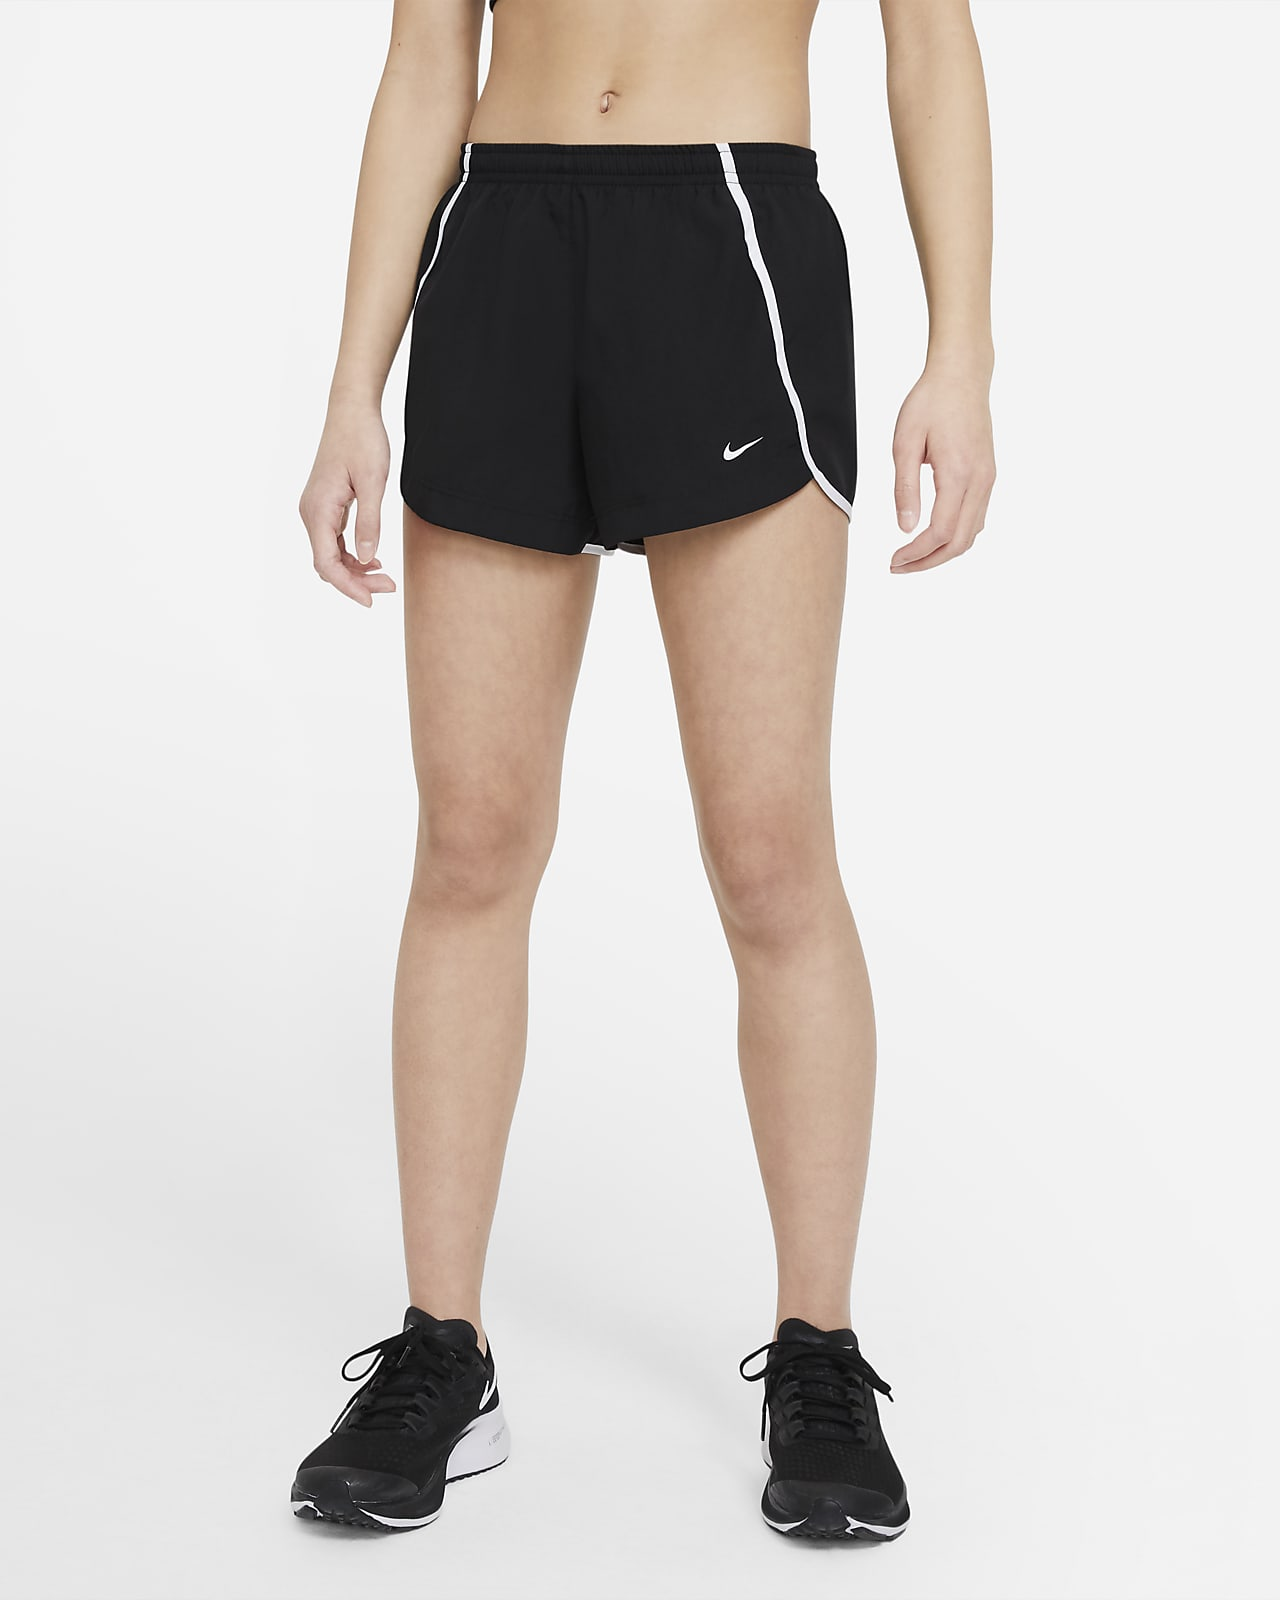 Беговые шорты для девочек школьного возраста Nike Dri-FIT Sprinter